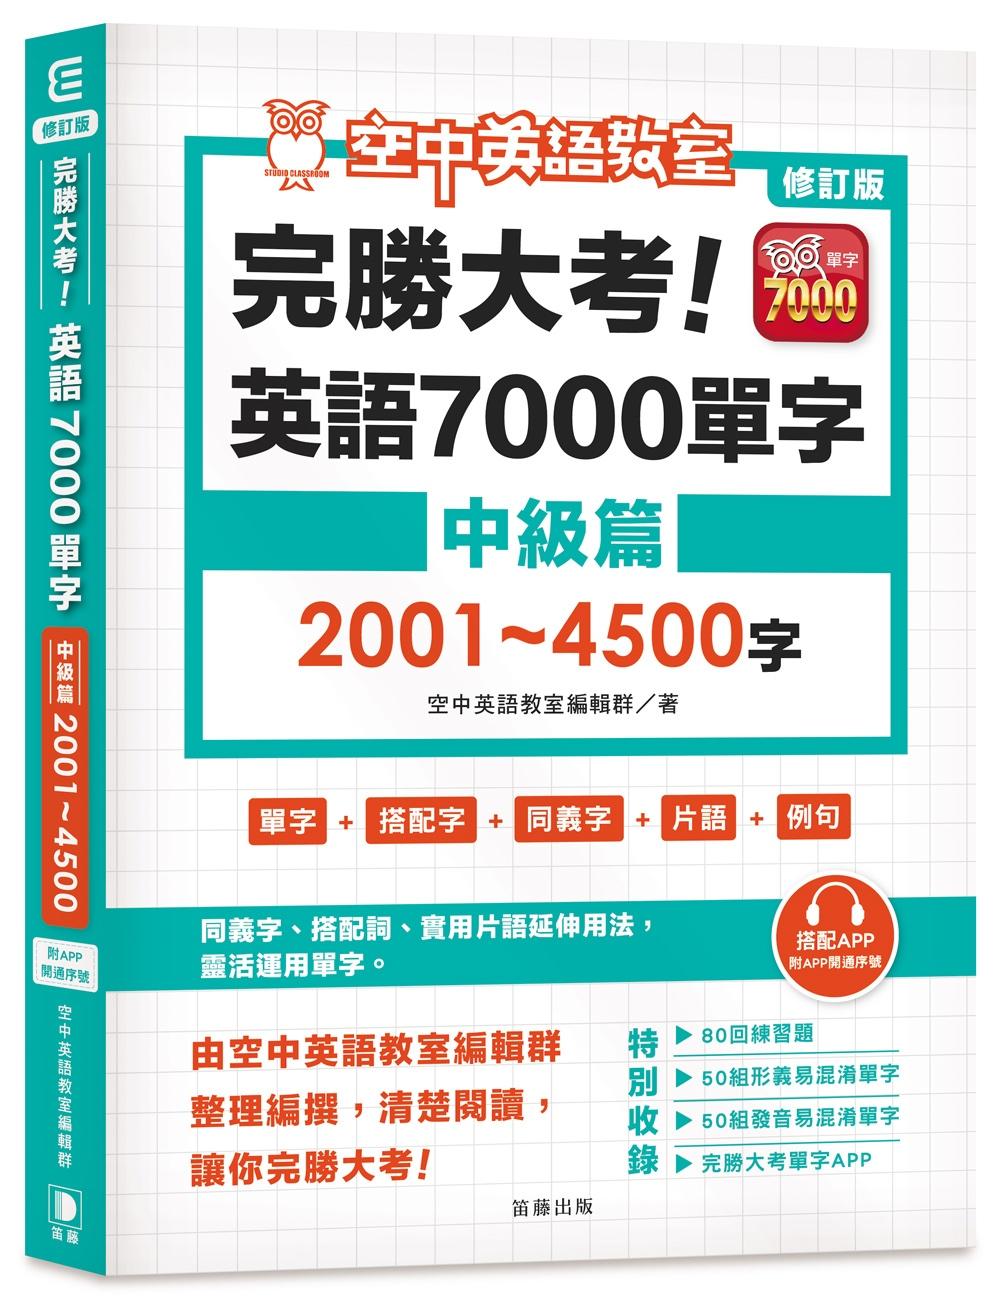 ◤博客來BOOKS◢ 暢銷書榜《推薦》修訂版 完勝大考英語7000單字:中級篇2001~4500字(附app開通序號)